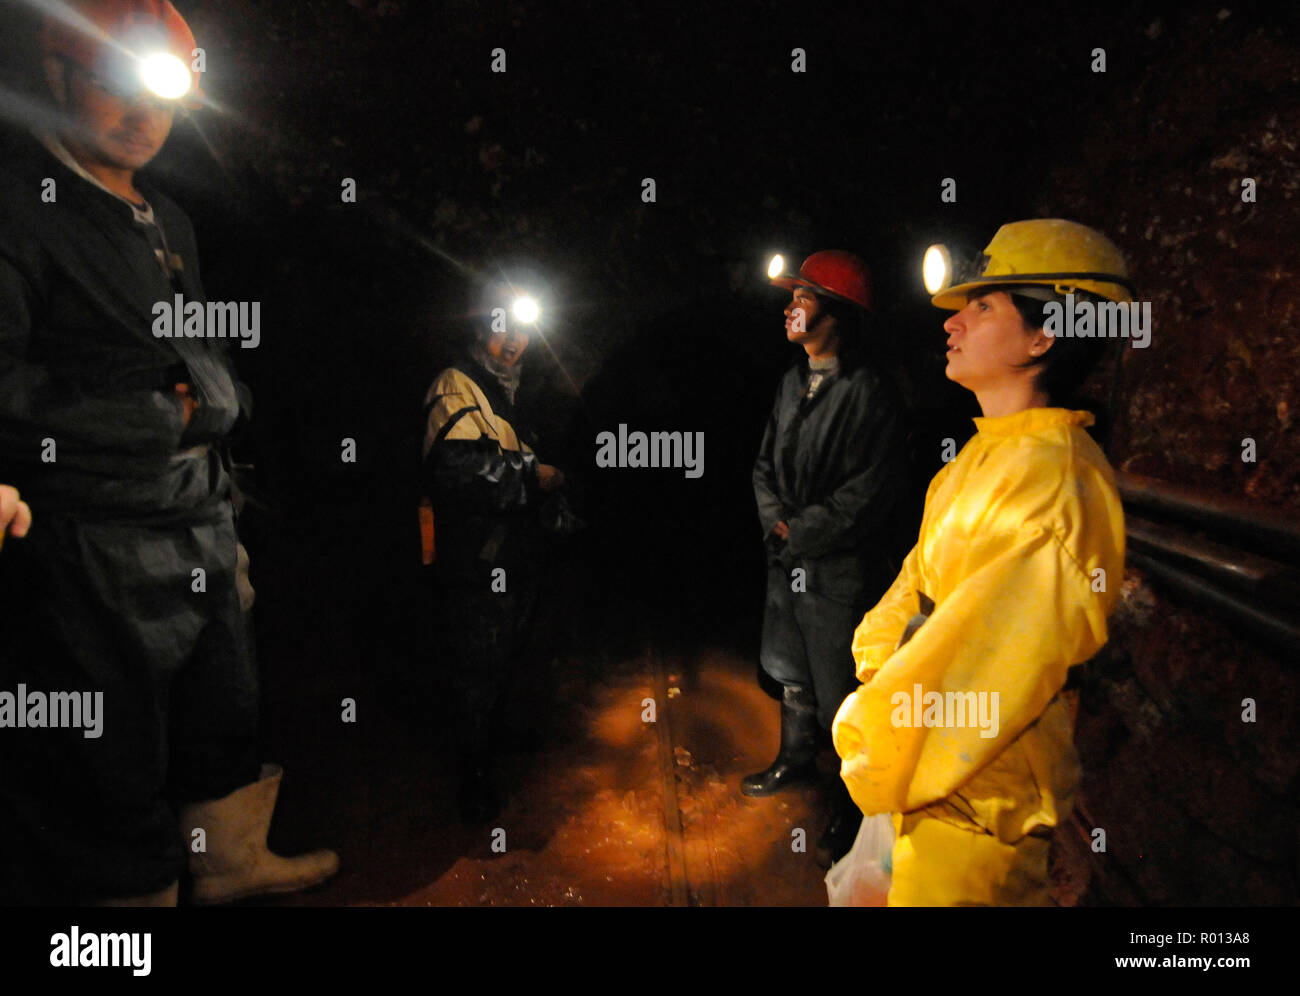 27 février 2010 - Potosi, Bolivie Argentine: touristes se rendant sur le Cerro Rico de Potosi, dont les mines d'argent financé l'empire espagnol sans profiter à la population bolivienne locale. Visite des mines de Potosi, l'une des activités touristiques de la ville. Des mineurs boliviens y travaillent encore et les touristes croisent parfois des mineurs dans les couloirs de 31100. *** FRANCE / PAS DE VENTES DE MÉDIAS FRANÇAIS *** Photo Stock